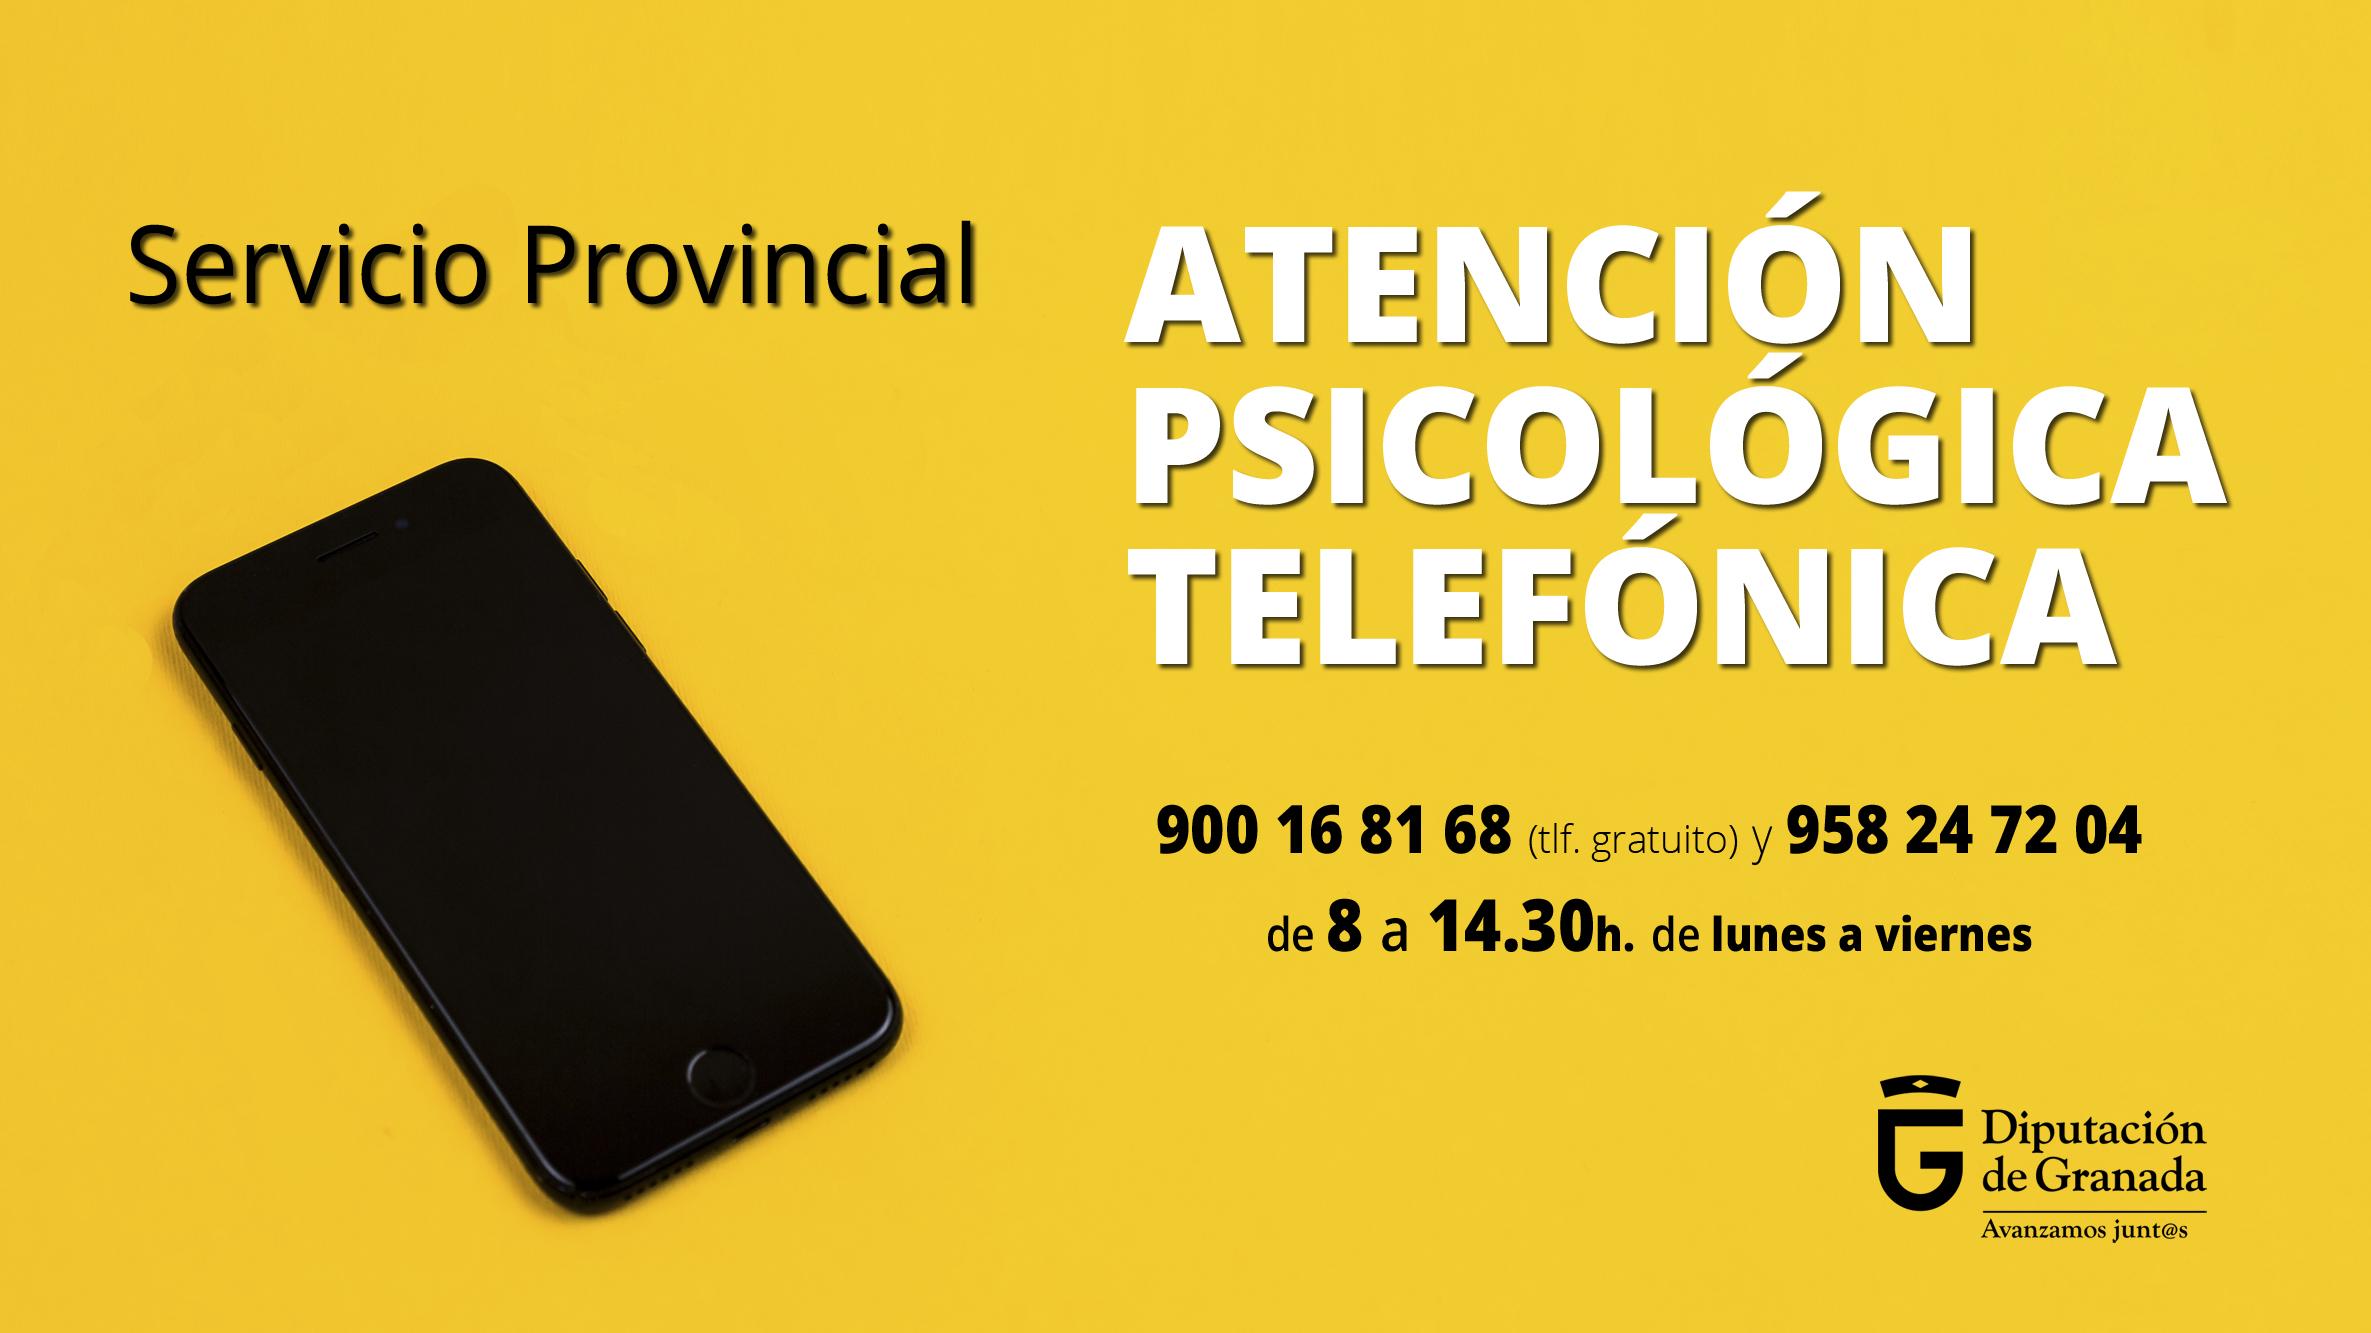 Diputación pone en marcha un teléfono de atención psicológica para abordar las dificultades derivadas de la pandemia y el confinamiento